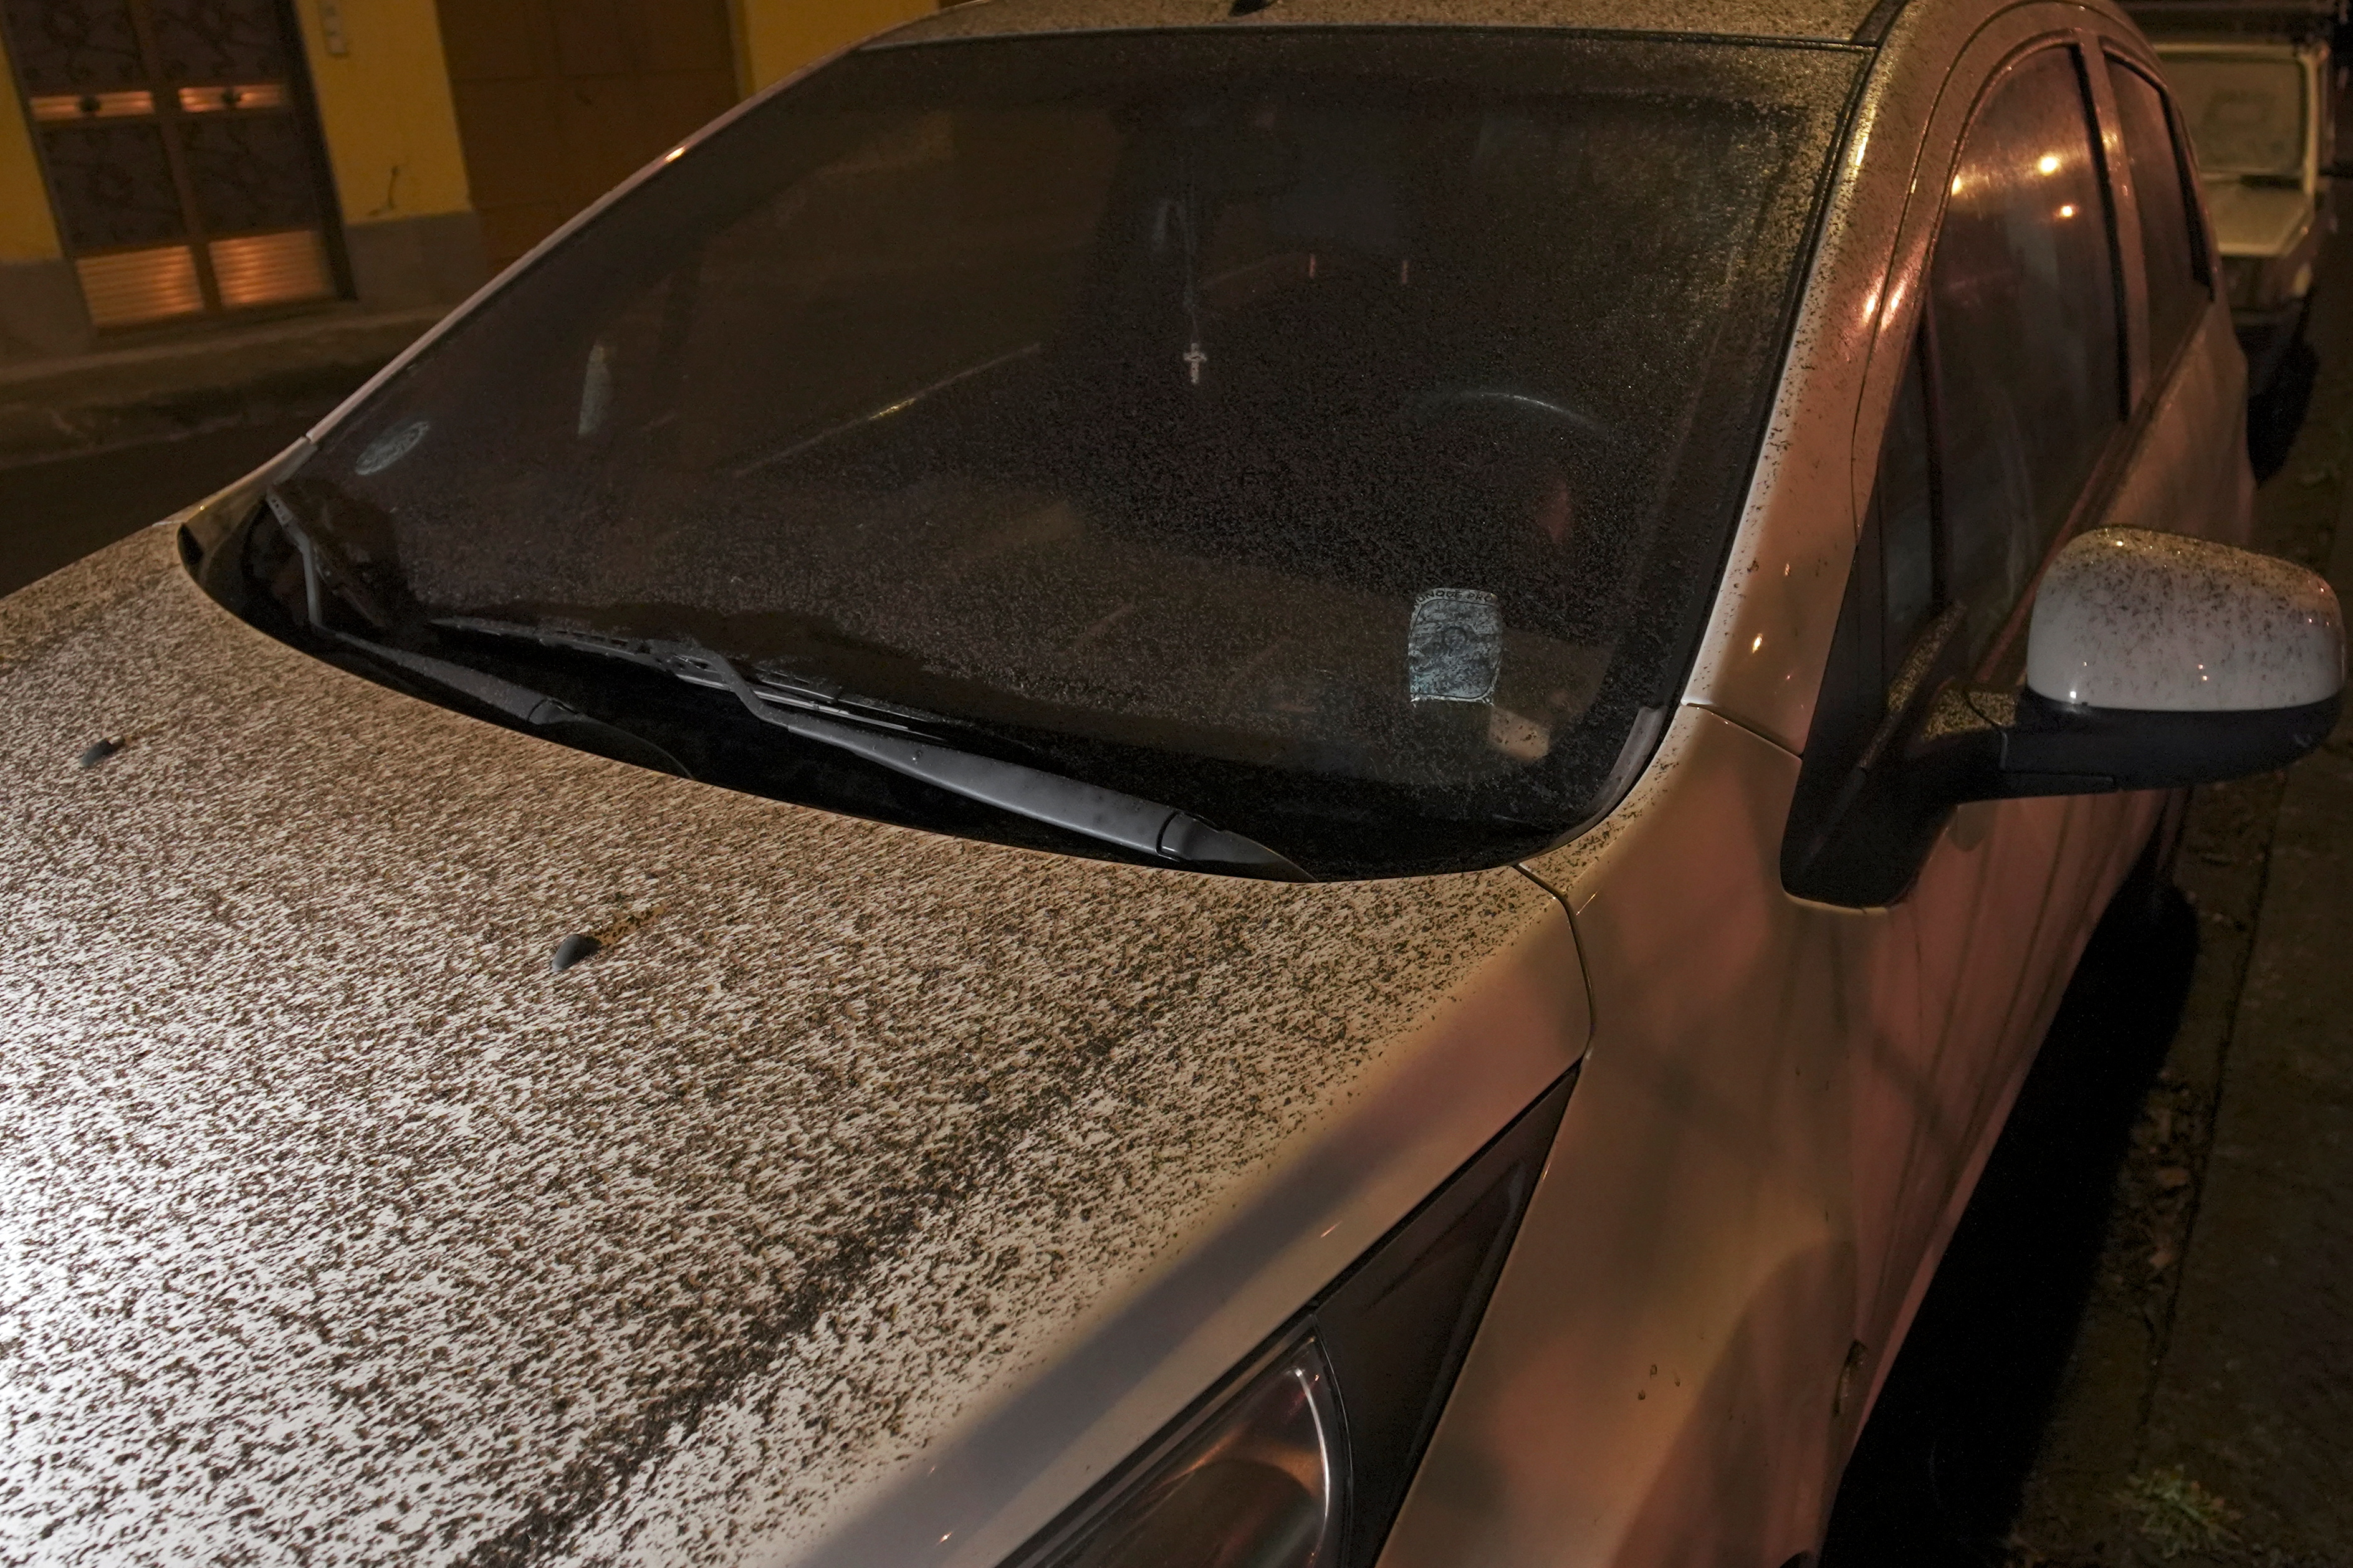 Un coche cubierto con cenizas durante la erupcion del volcan Etna en la ciudad de Fleri, Italia (Foto: Reuters/Antonio Parrinello)